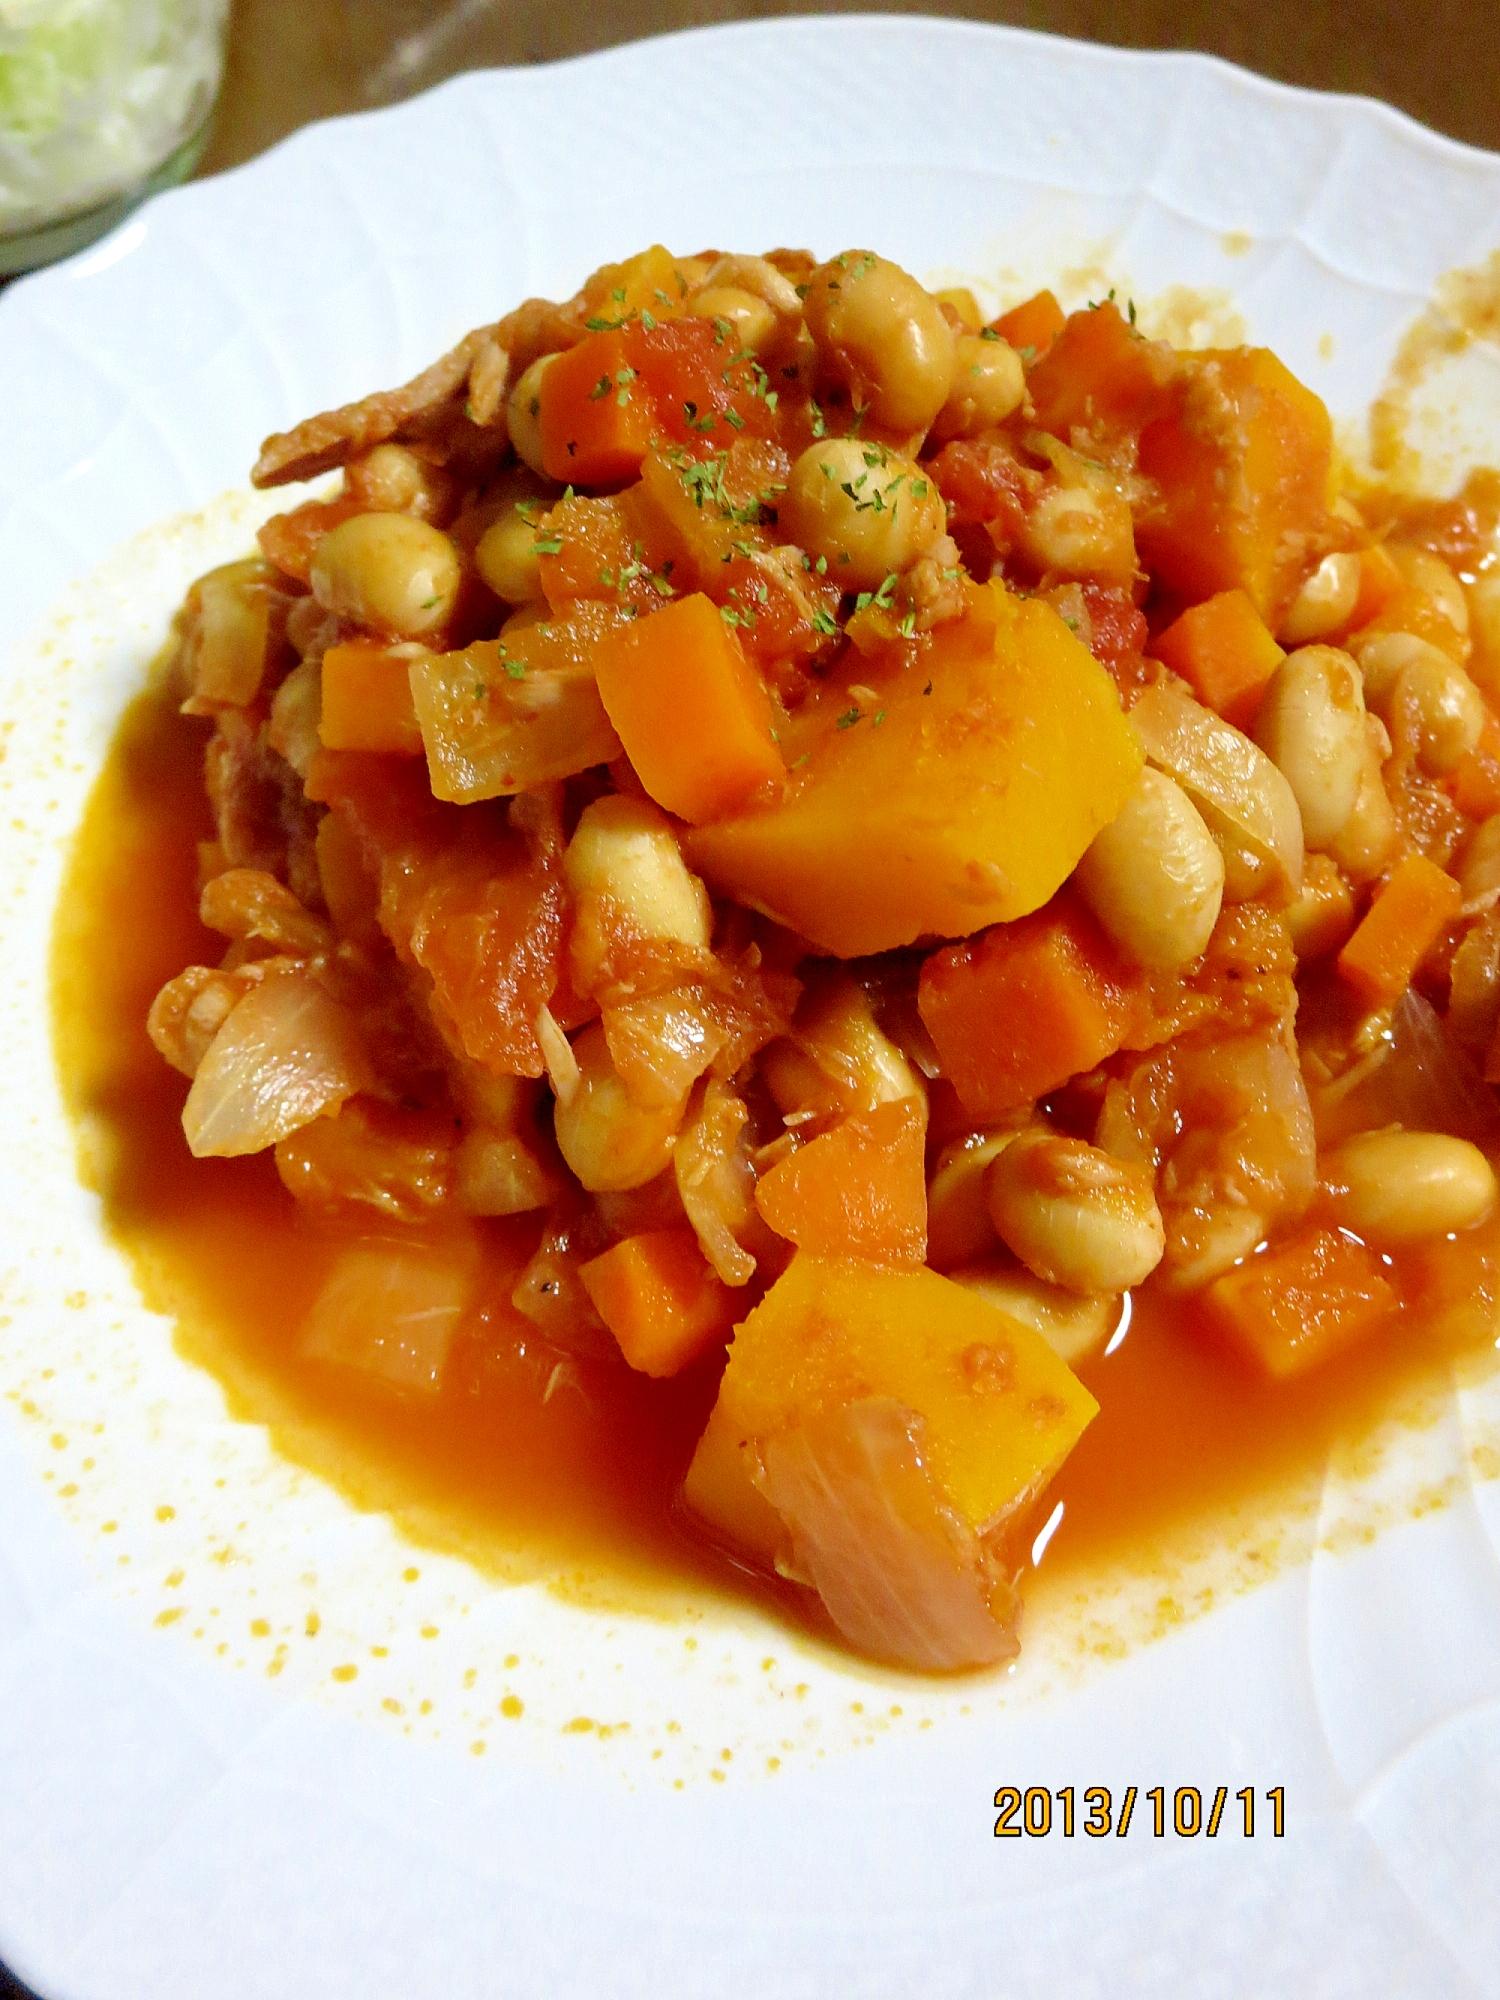 エスニック風★かぼちゃ&大豆のトマト煮